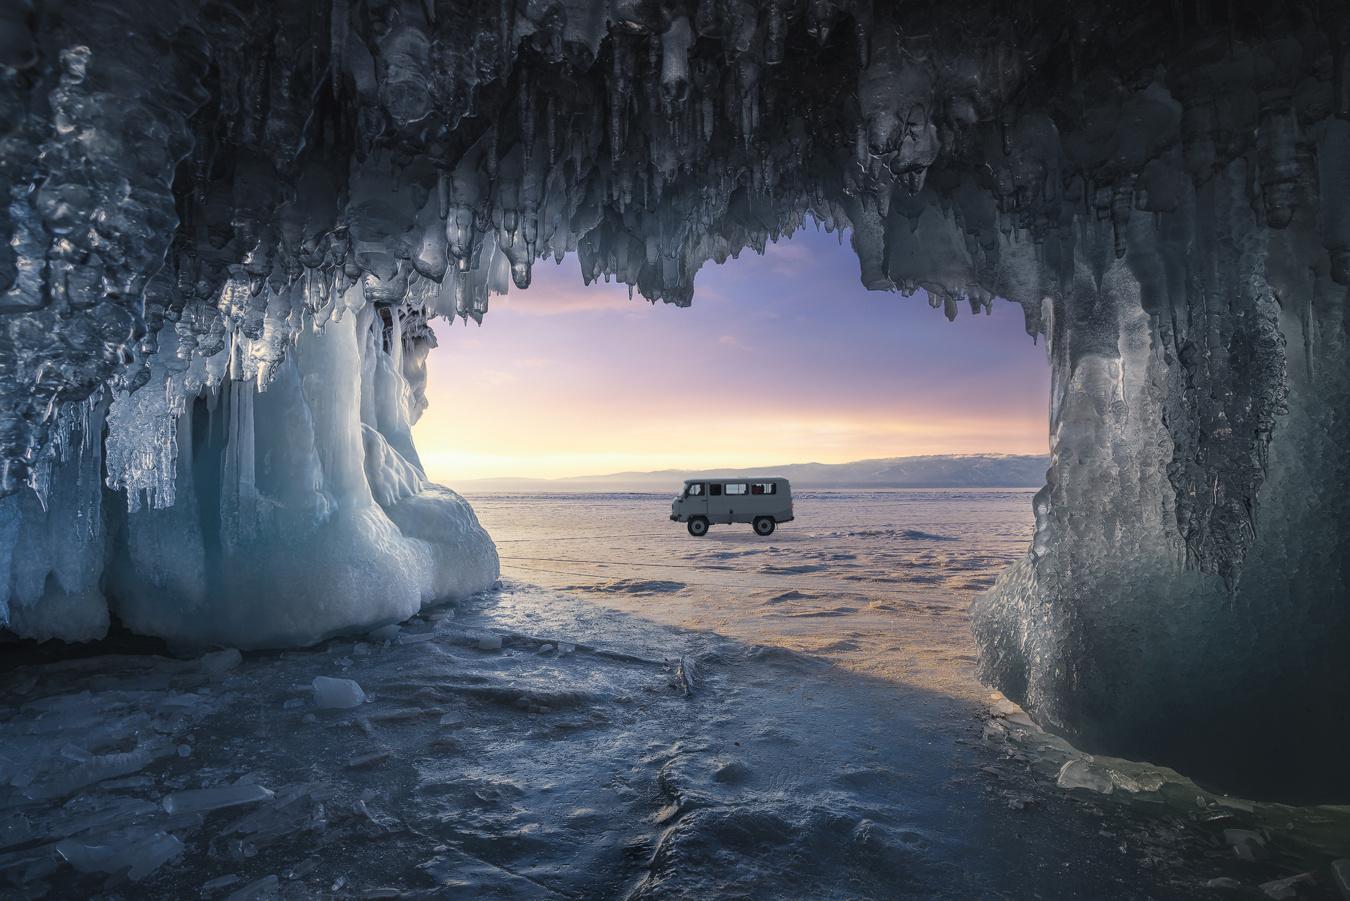 Ice cave at Baikal Lake by jabi sanz